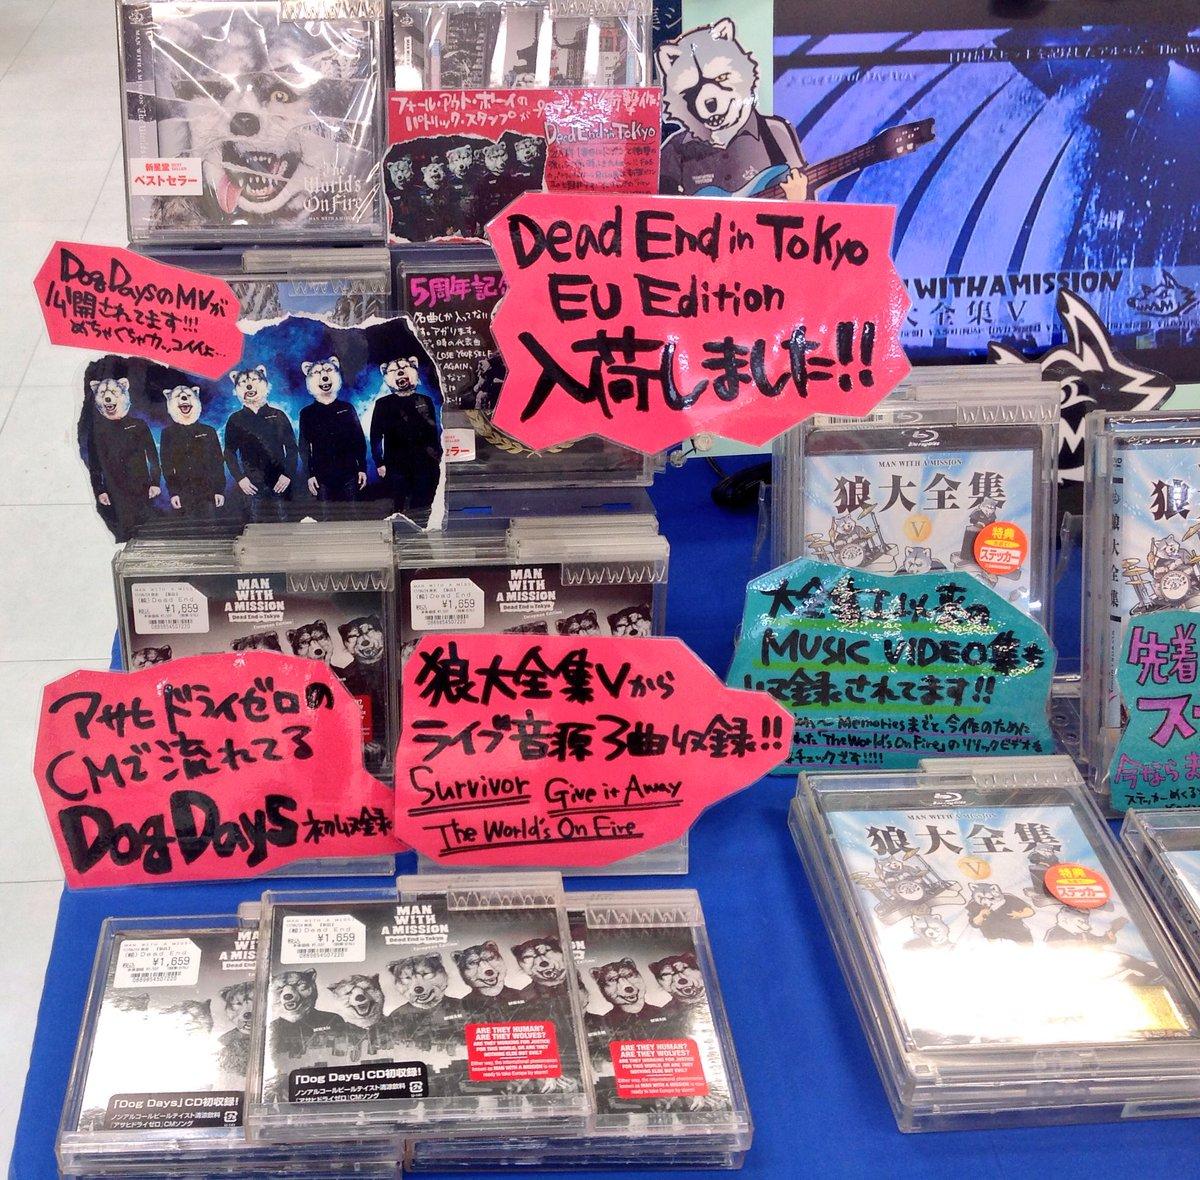 【#MWAM 】マンウィズ、Dead End In Tokyo輸入盤本日入荷しましたー❗️大変お待たせ致しました🙇新曲「